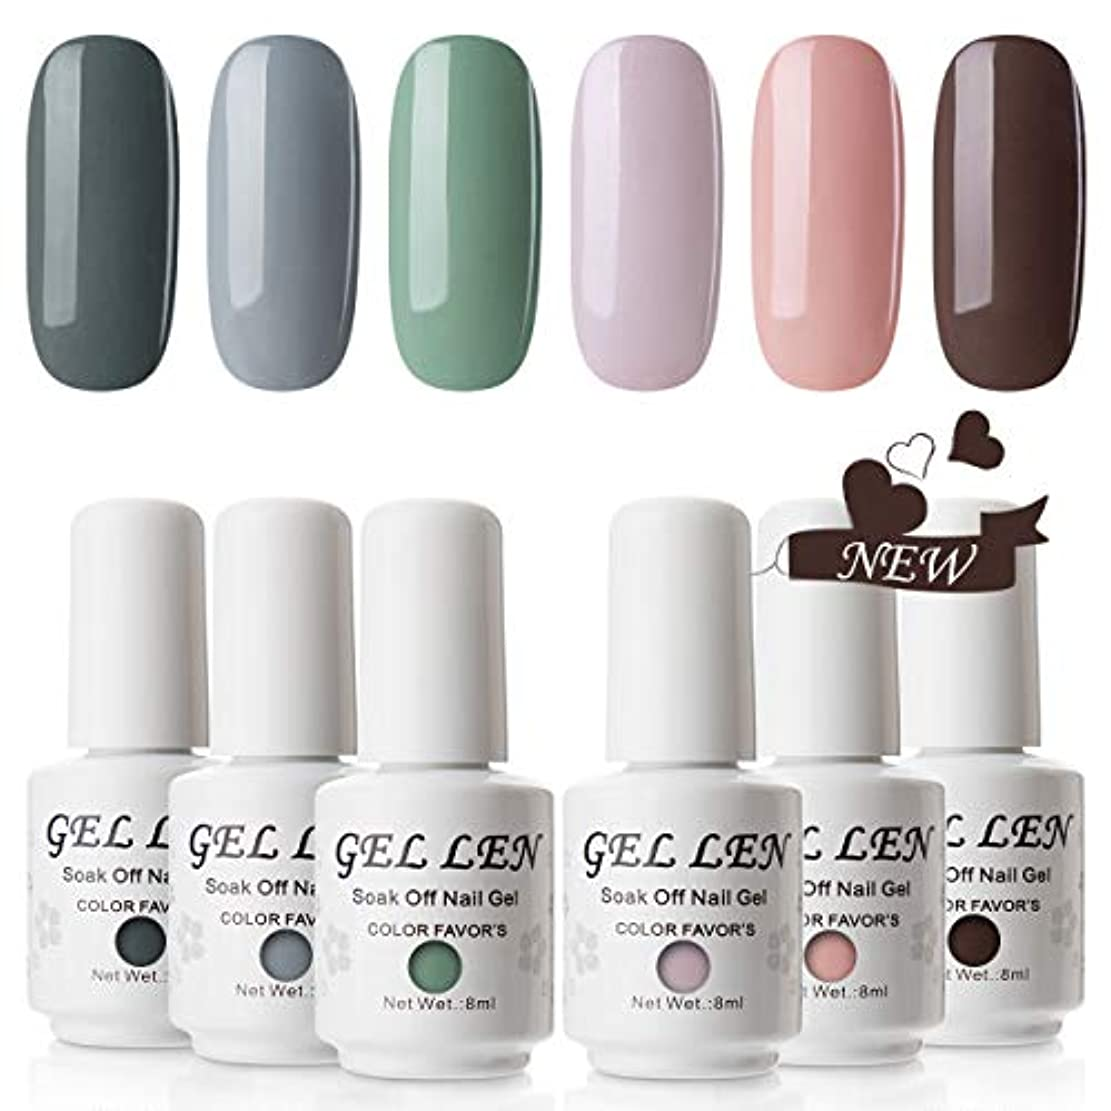 彼女のポジティブブロンズGellen ジェルネイル カラージェル 厳選6色 UV/LED ラメ 全ての女性に愛されるカラー 8ml くすみカラー 和色